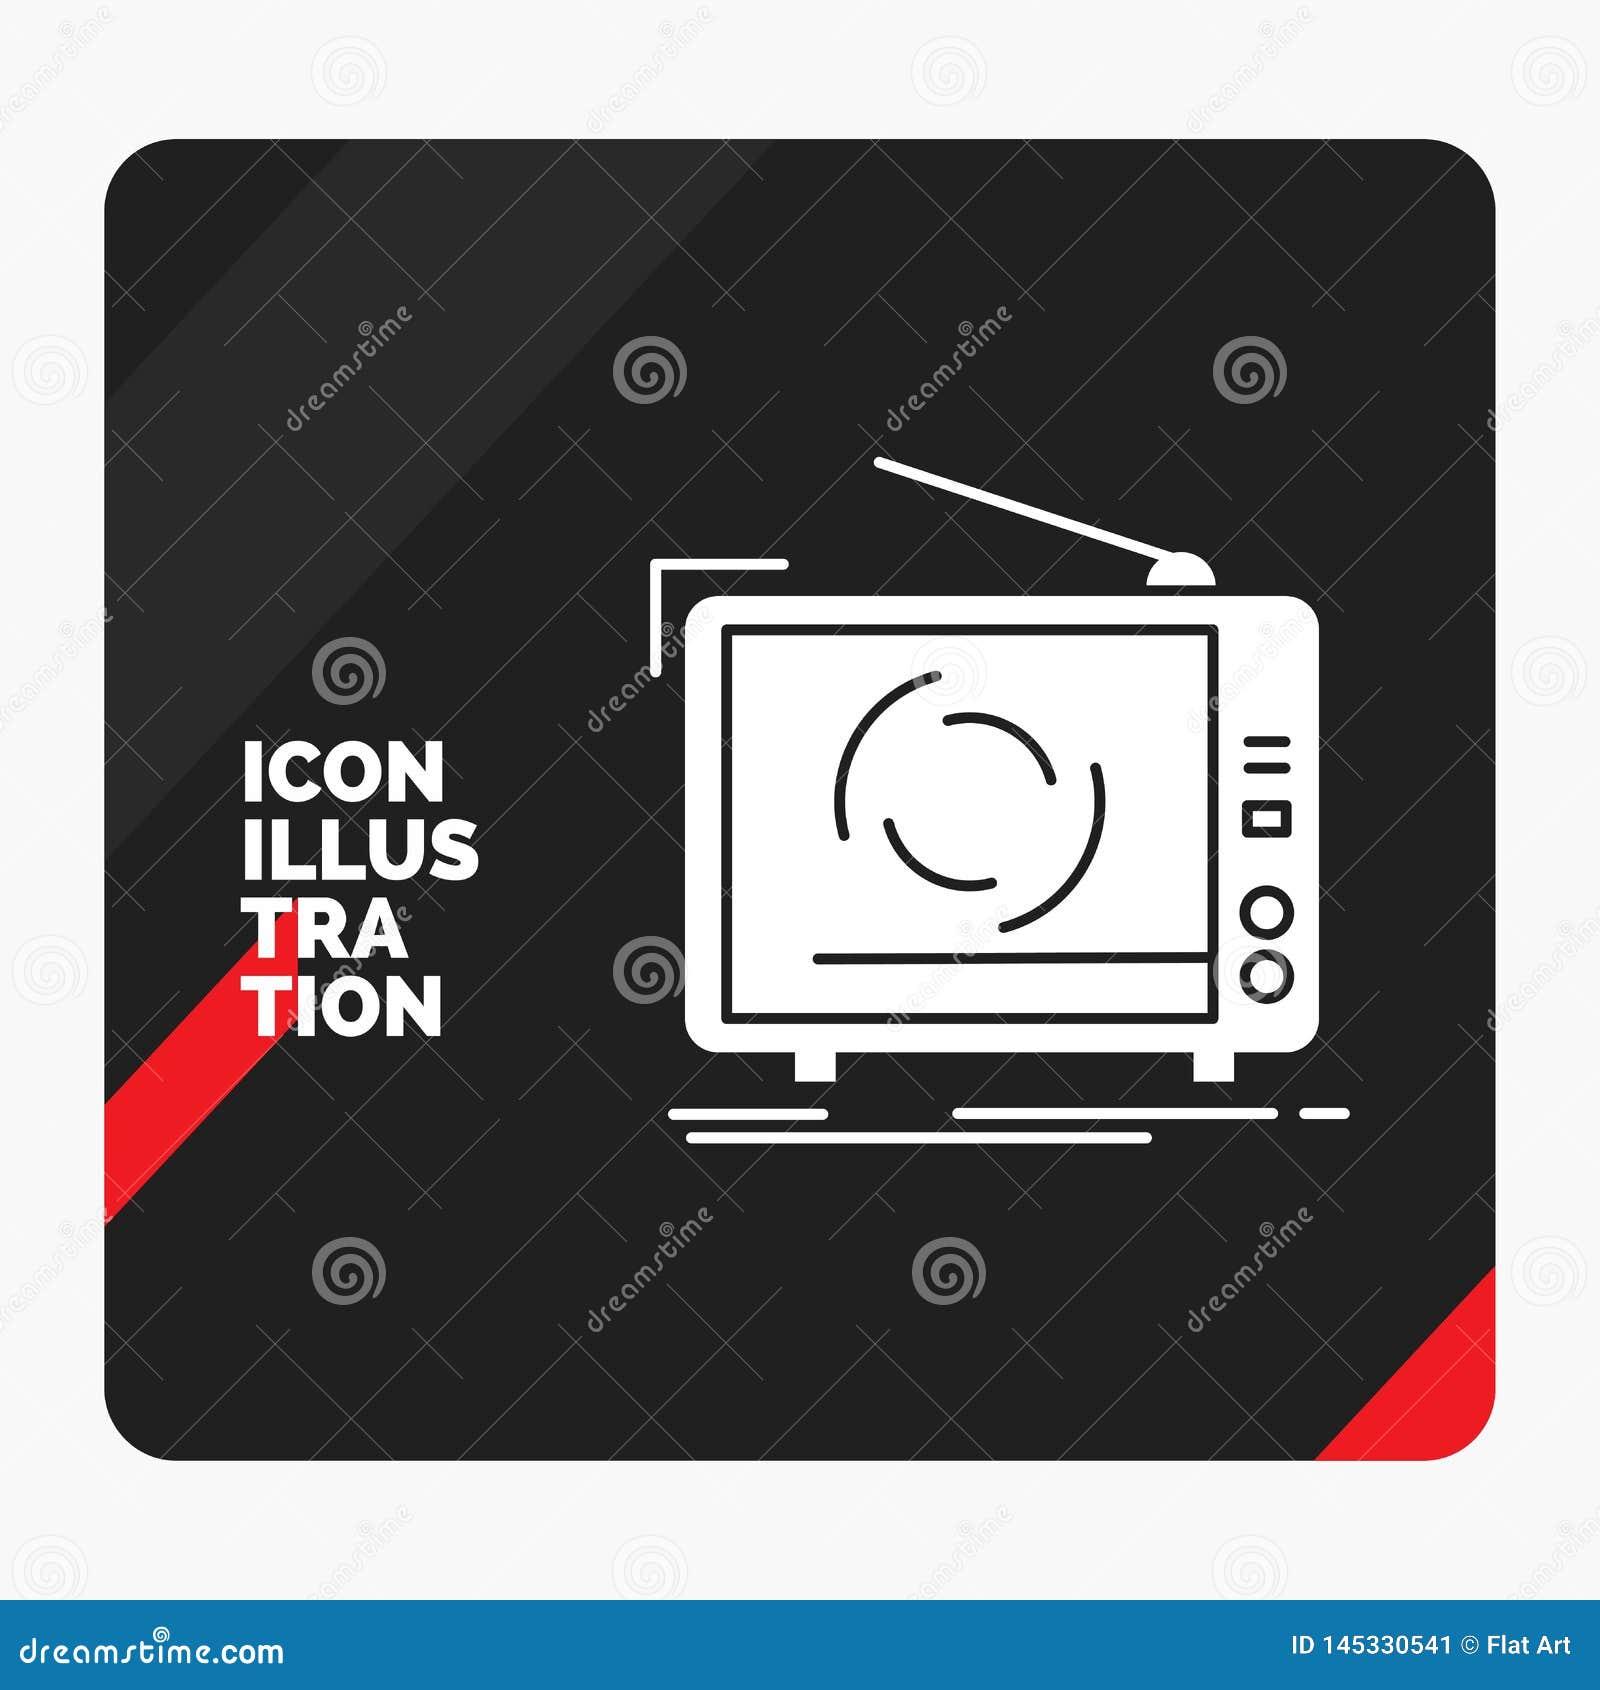 Красная и черная творческая предпосылка представления для ТВ, объявления, рекламы, телевидения, установленного значка глифа